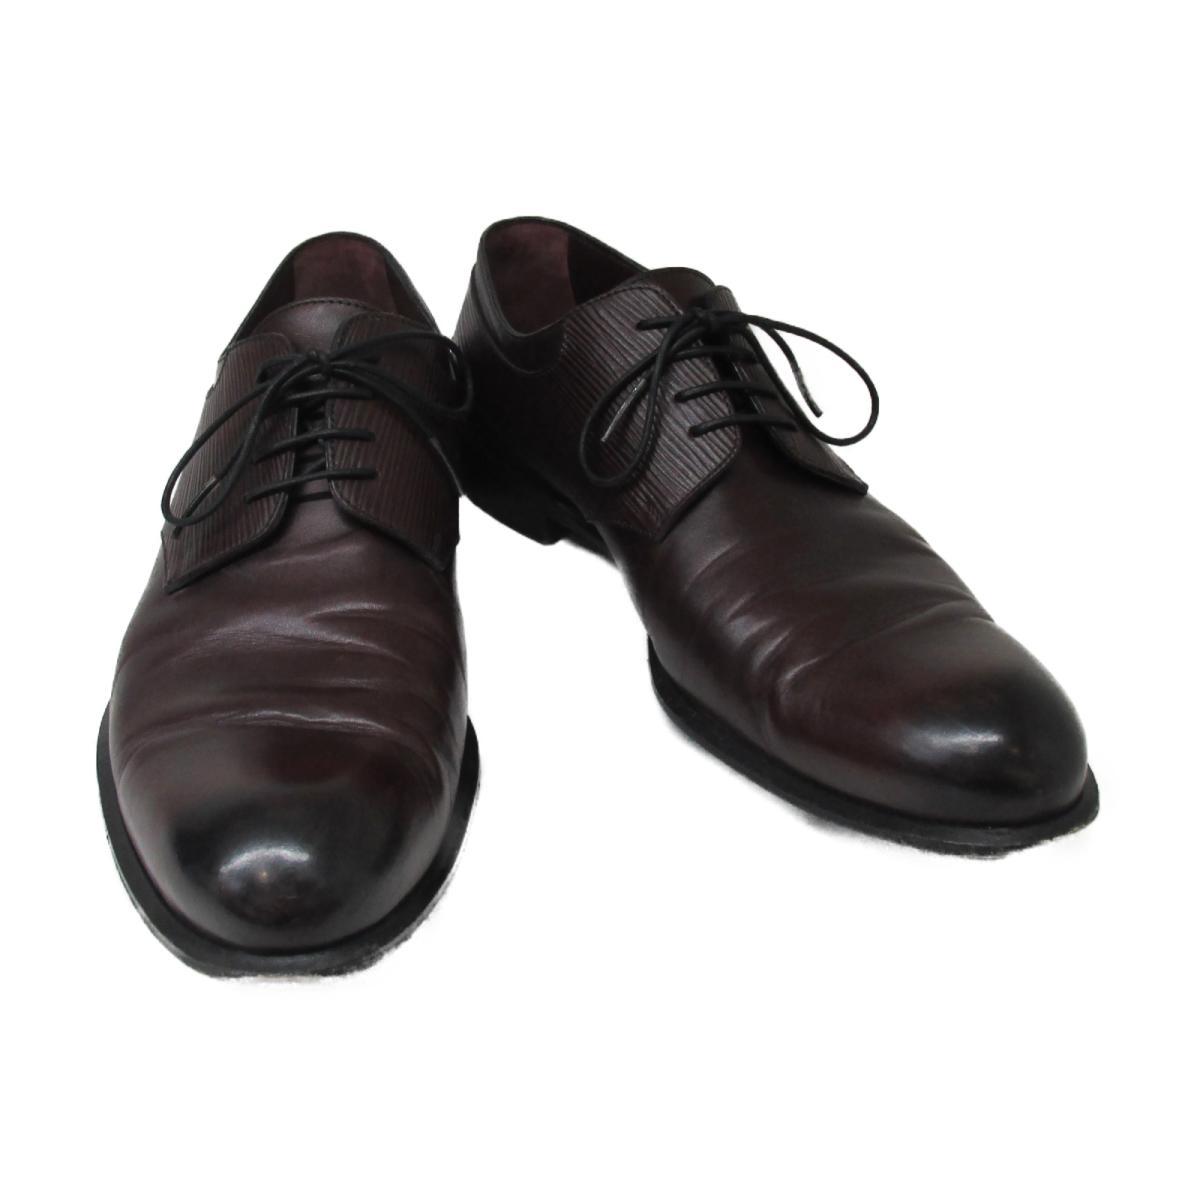 【中古】ルイヴィトン メンズシューズ 靴 メンズ 牛革 (カーフ) x エピ ブラウン | LOUIS VUITTON BRANDOFF ブランドオフ ヴィトン ビトン ルイ・ヴィトン ブランド シューズ クツ